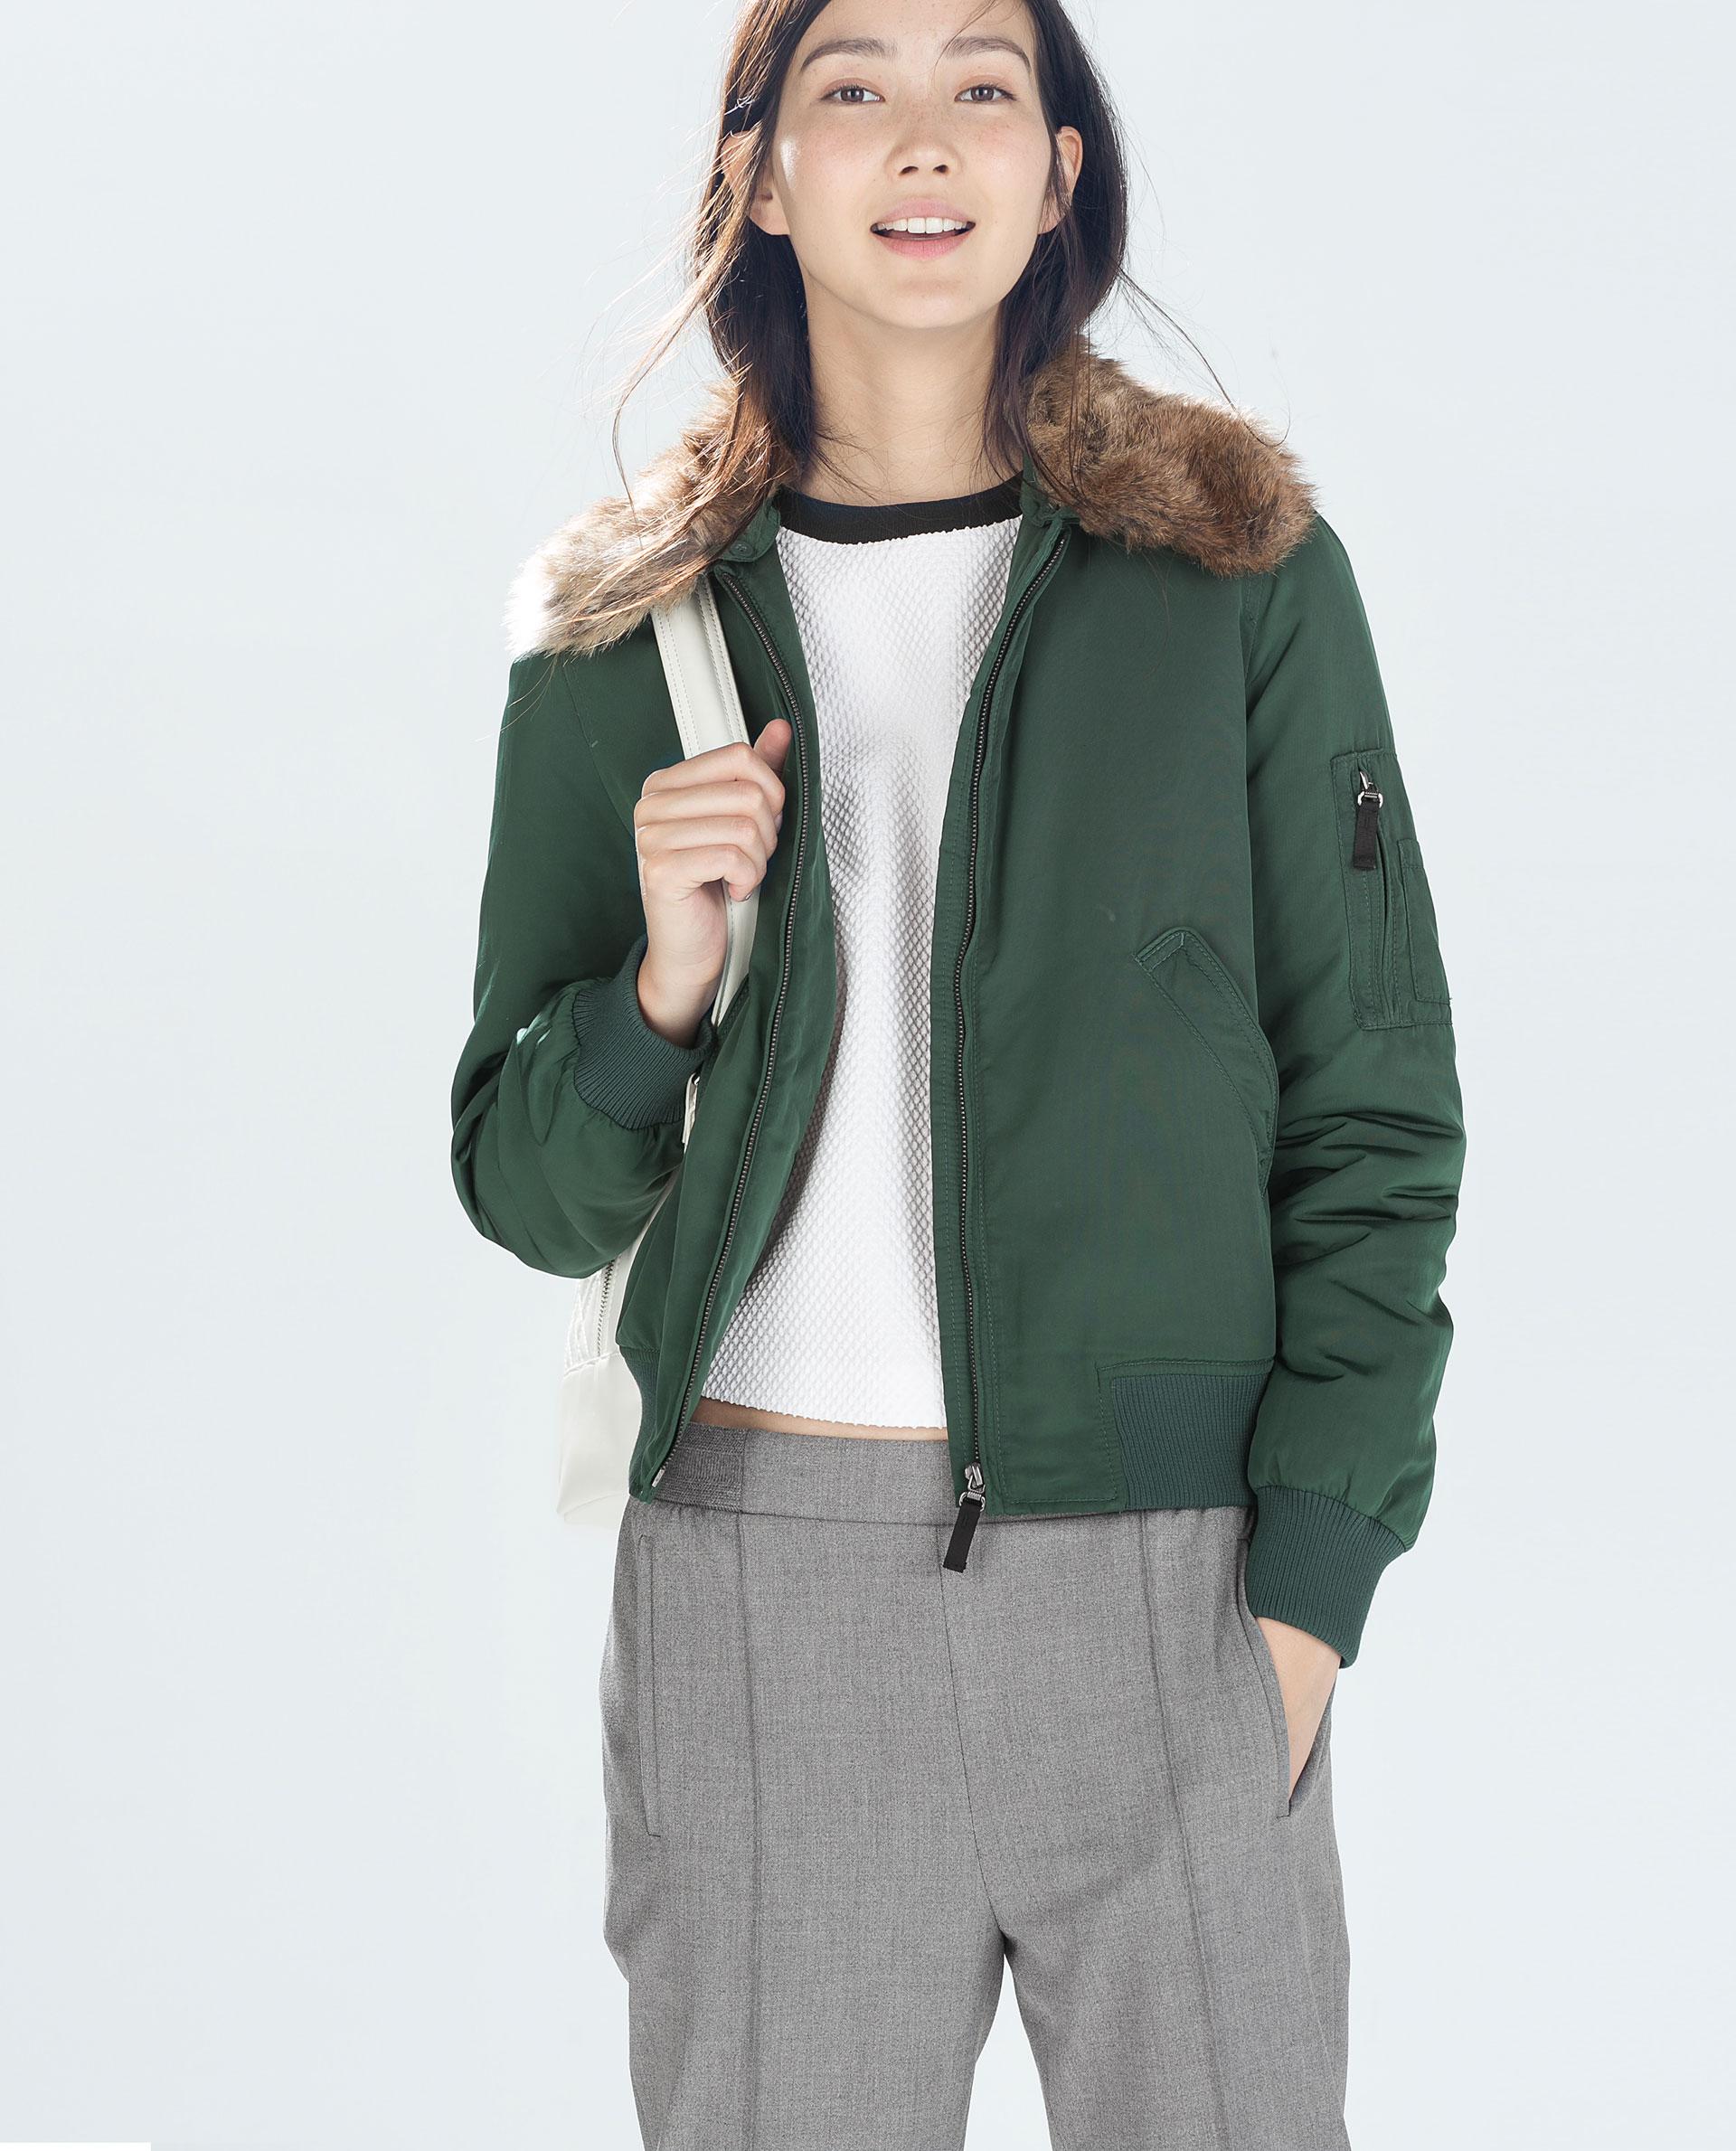 Zara Bomber Jacket In Green | Lyst